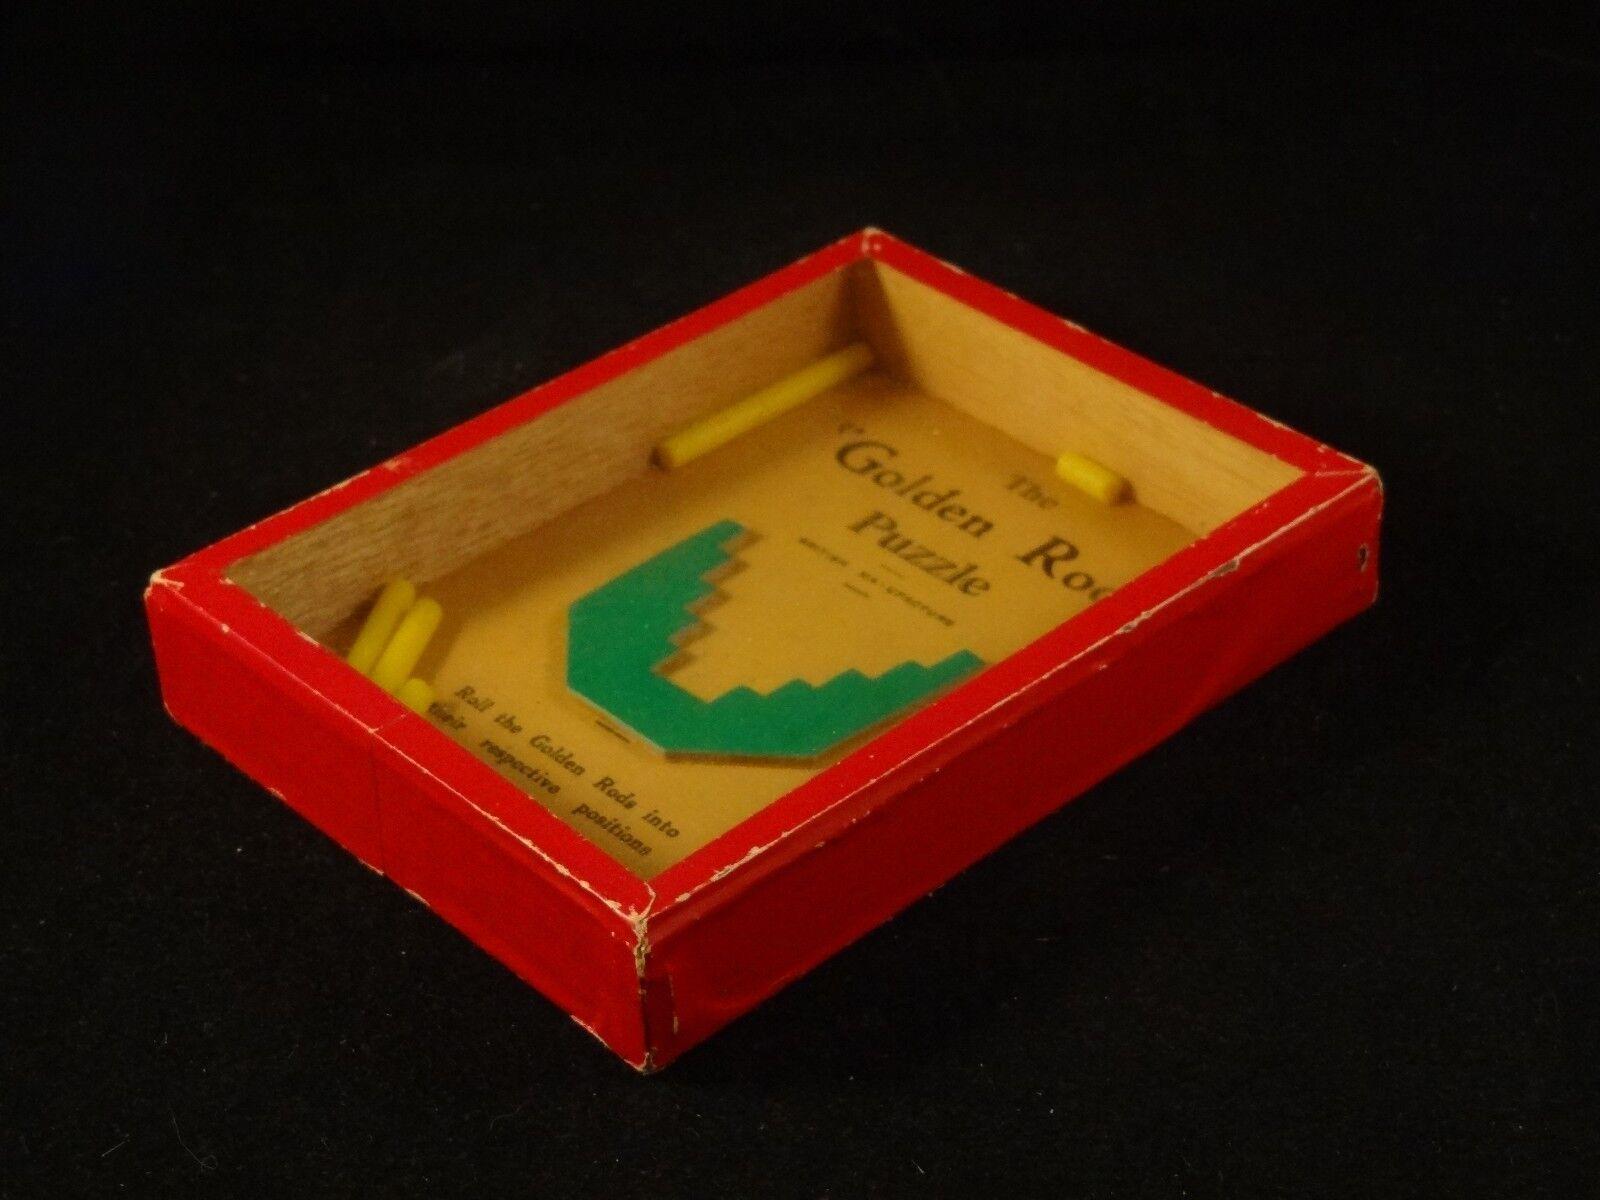 Ancien jeu patience adresse R.Journet and co Dexterity   Dexterity co game puzzle 1930 7656d0